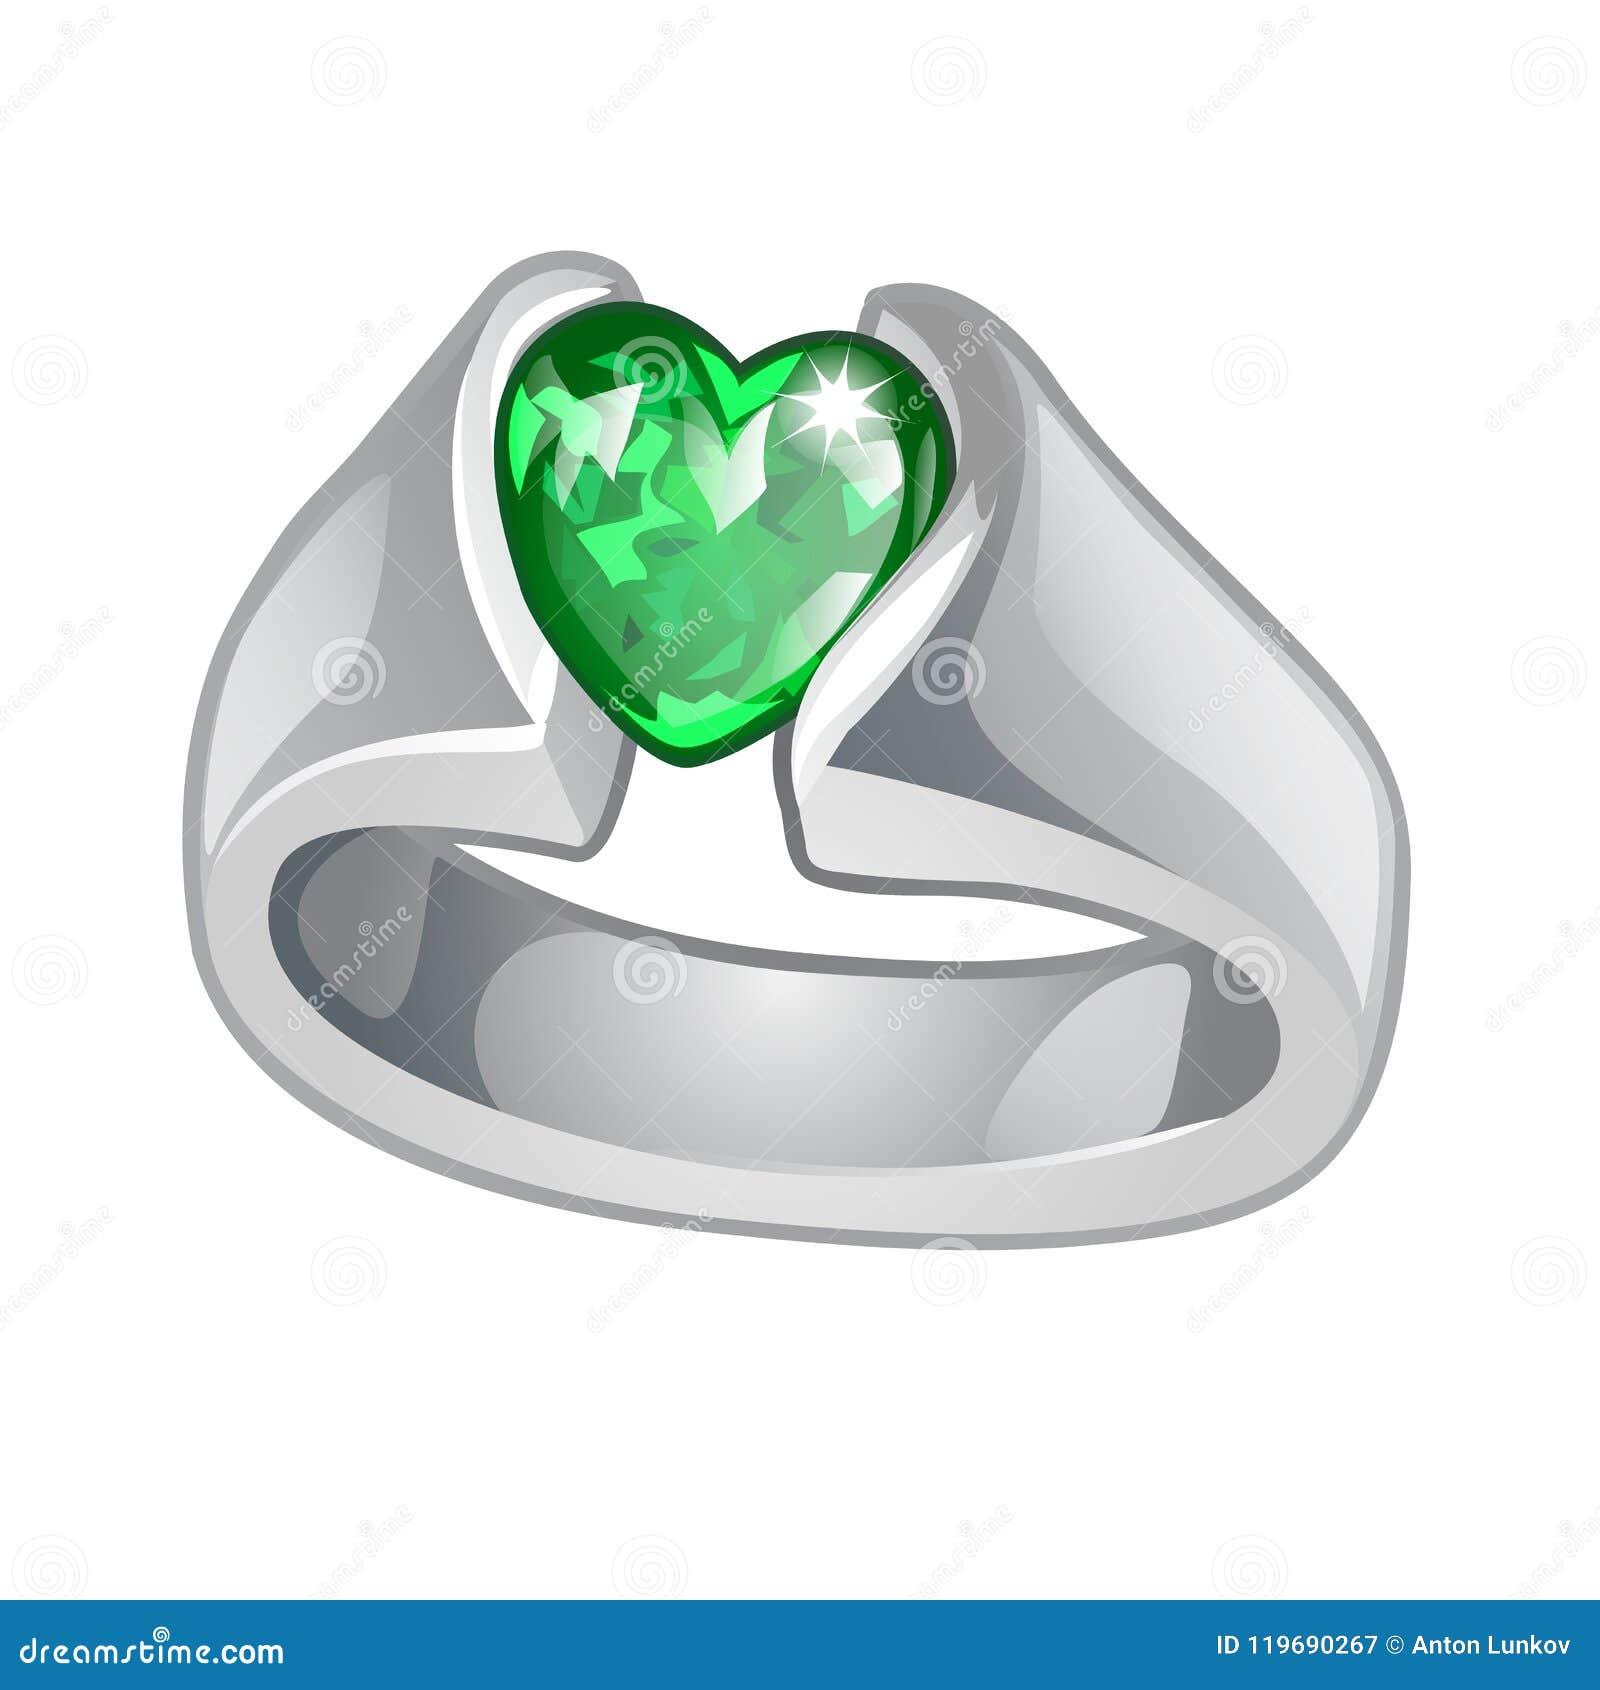 ultima moda up-to-date styling cerca il più recente L'anello Esclusivo Fatto Di Oro Bianco Con Cuore Verde ...